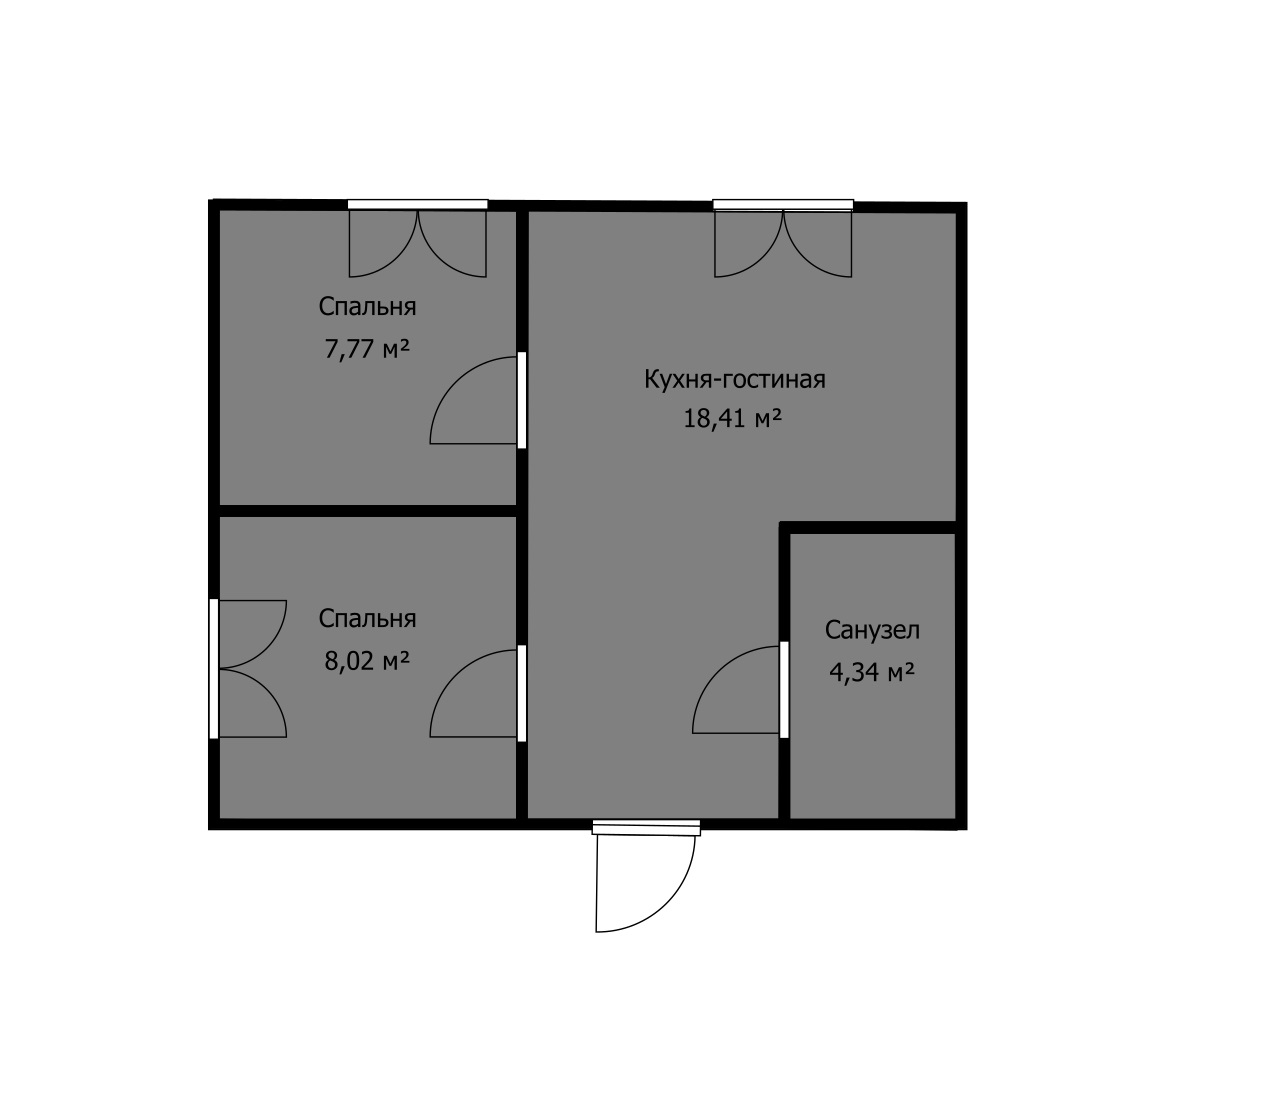 Как выбрать квартиру, если есть только планировка